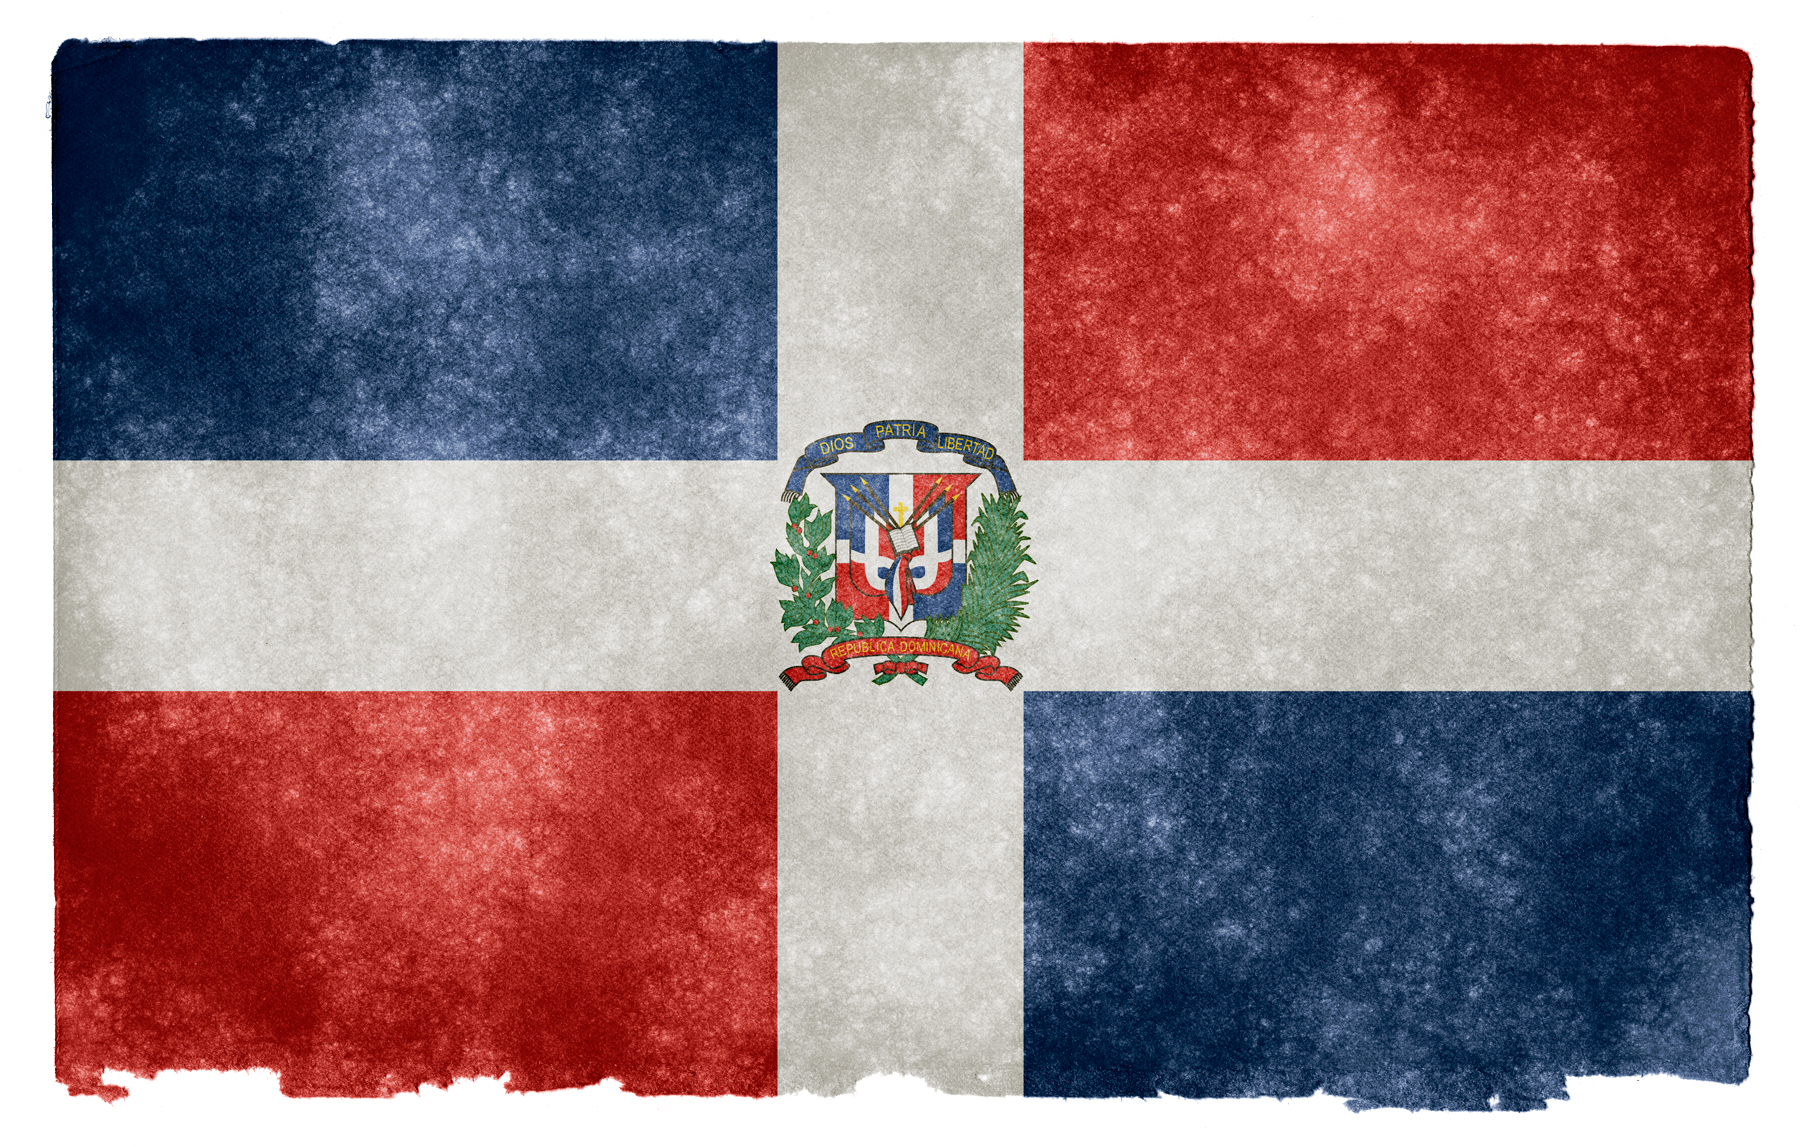 Dominican Republic by fspuebla